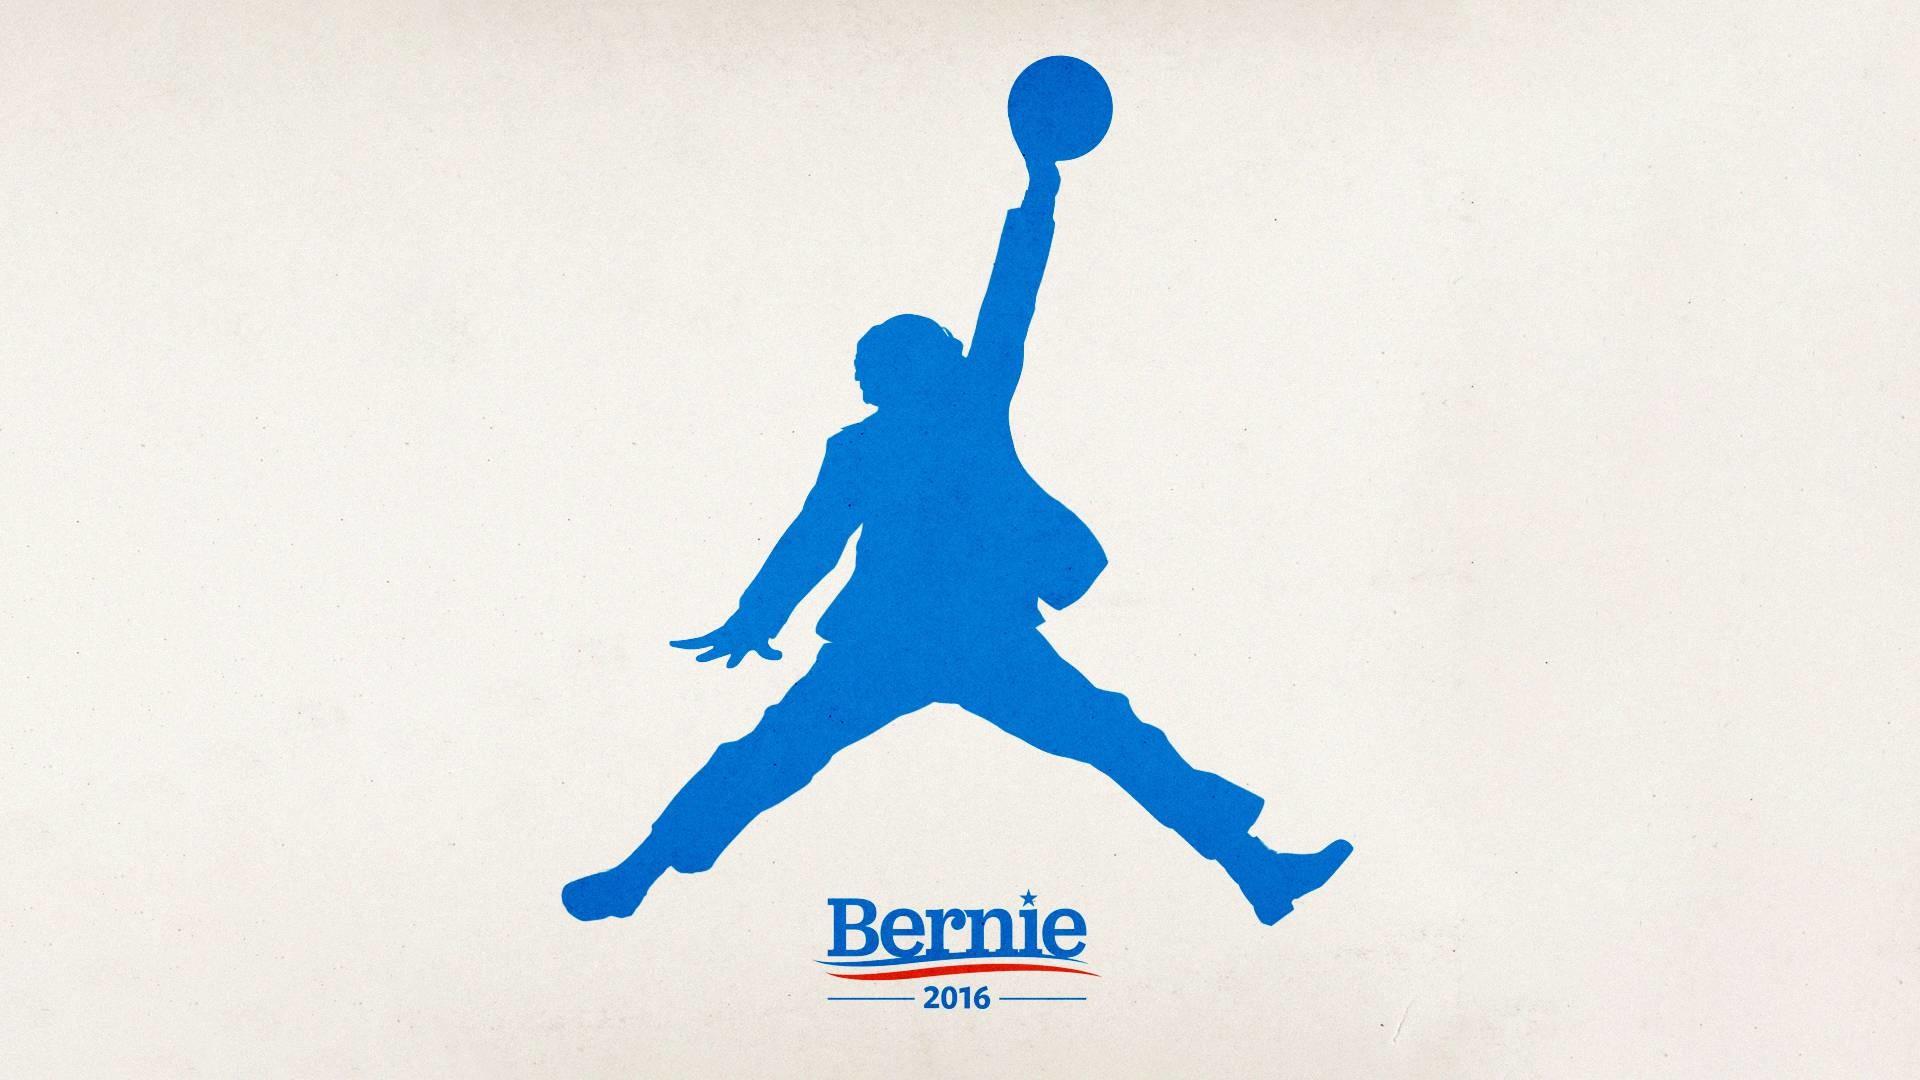 Bernie Sanders Wallpaper Download: Jordan Jumpman Wallpaper (73+ Pictures